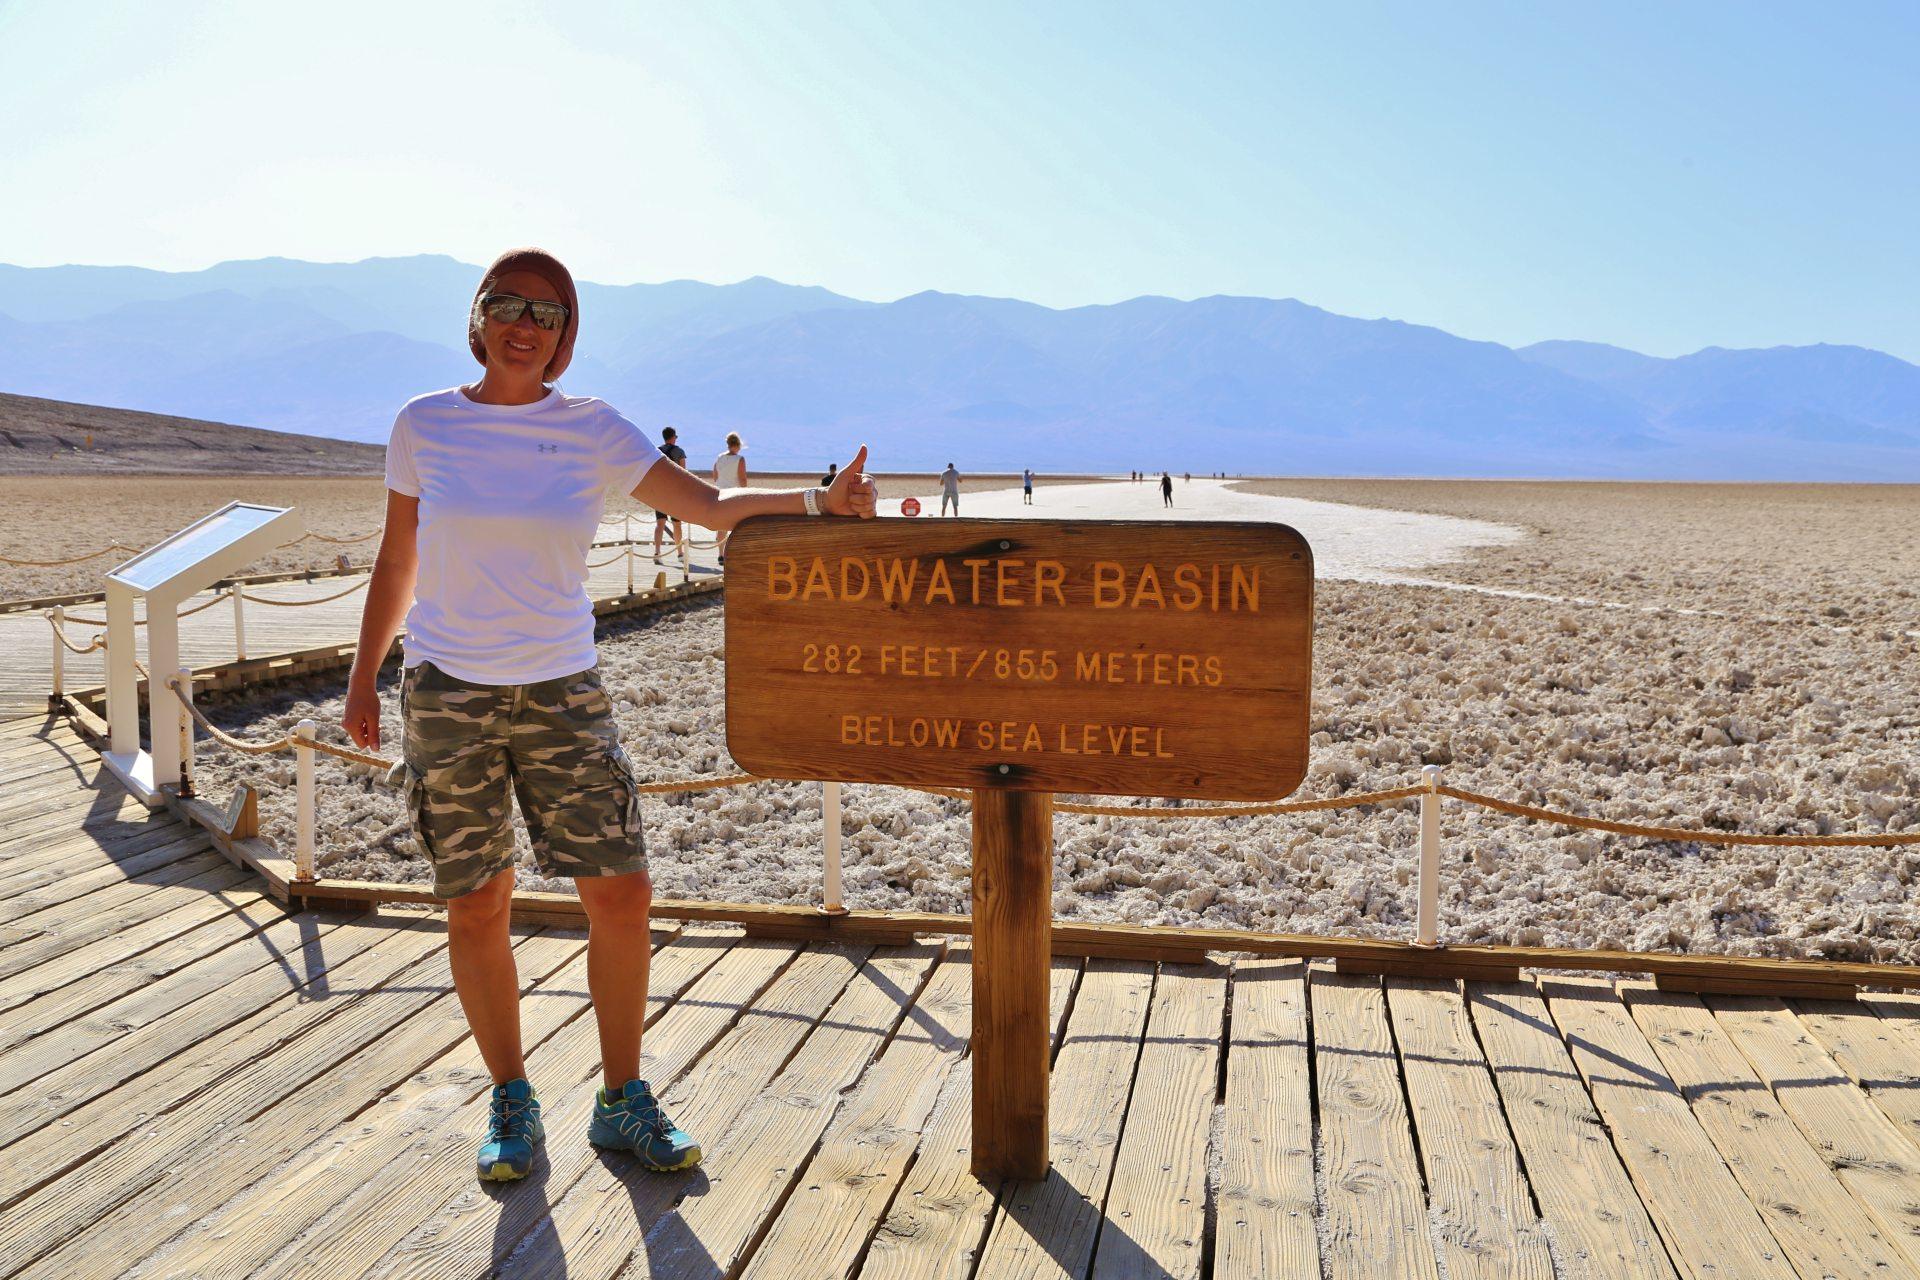 Bitte Lächeln, während 44 Grad heiße Föhnluft ins Gesicht bläst! - Badwater, Blondine, Death Valley National Park, Himmel, Kalifornien, malerisch, Mojave-Wüste, Personen, Portrait, Porträt, traumhaft, Wüste - HOFBAUER-HOFMANN Sofia - (Badwater, Death Valley, Kalifornien, Vereinigte Staaten)